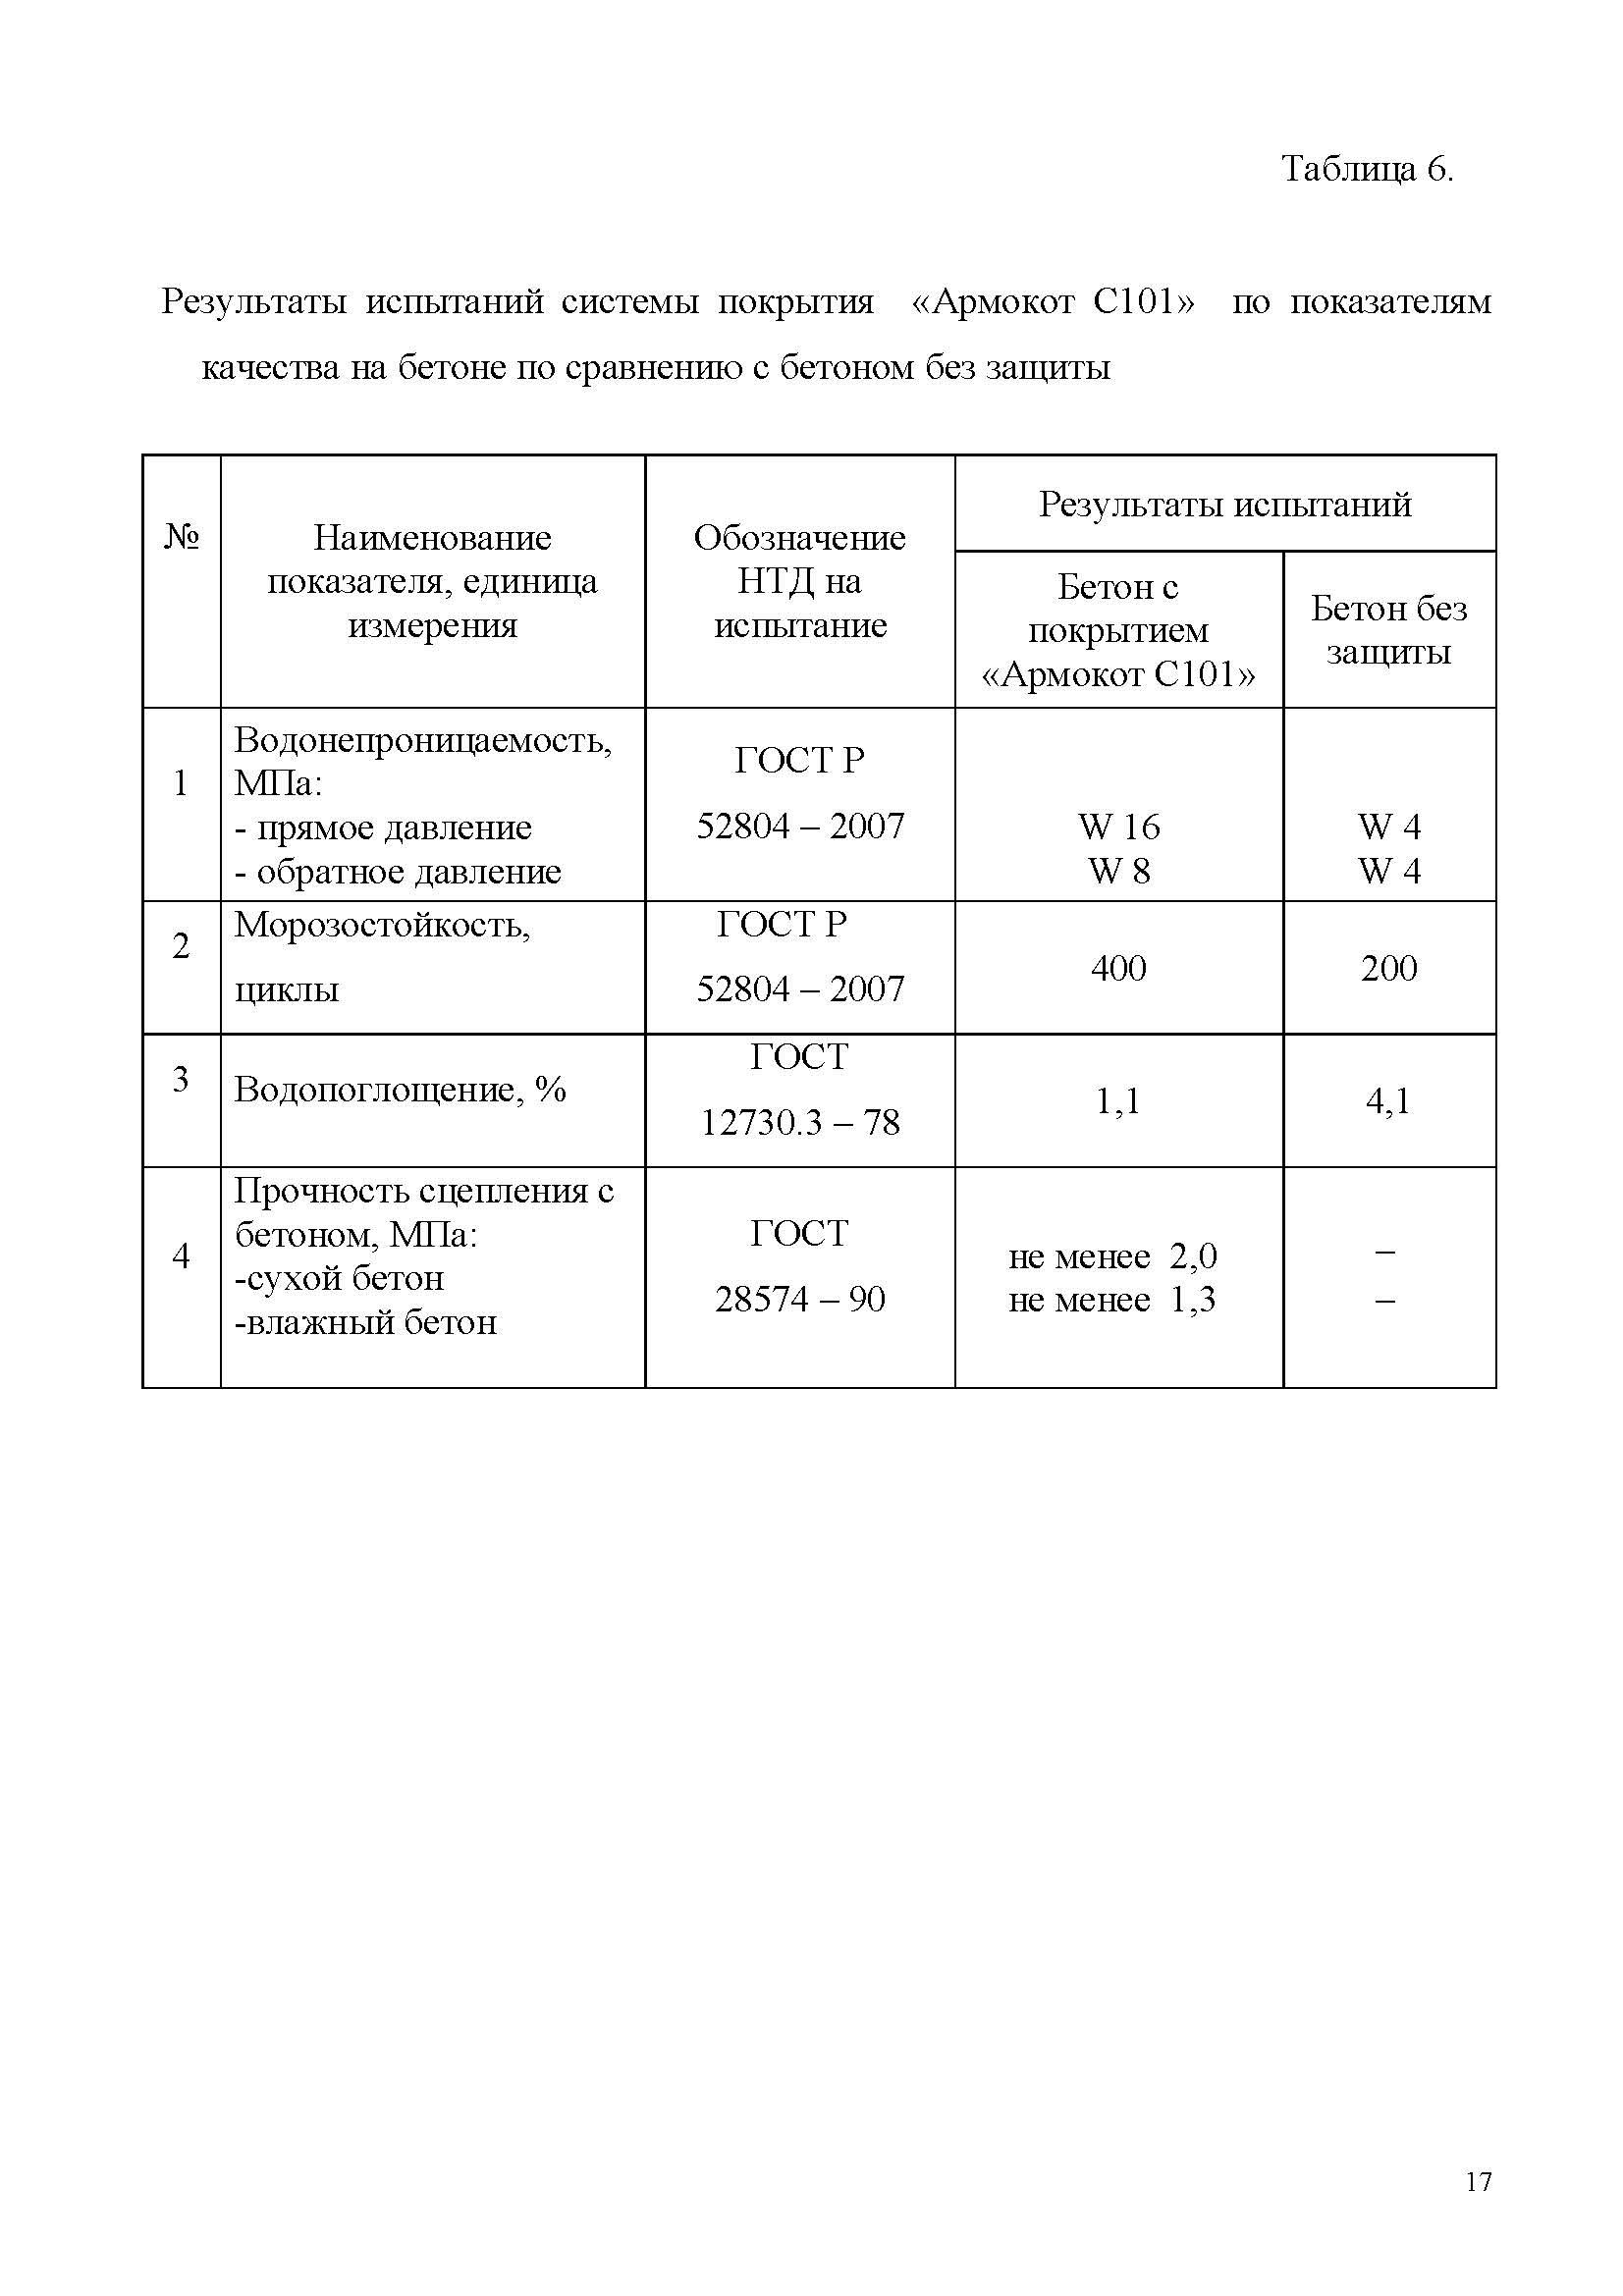 Заключение Морозов-КТБ Армокот С101_Страница_17